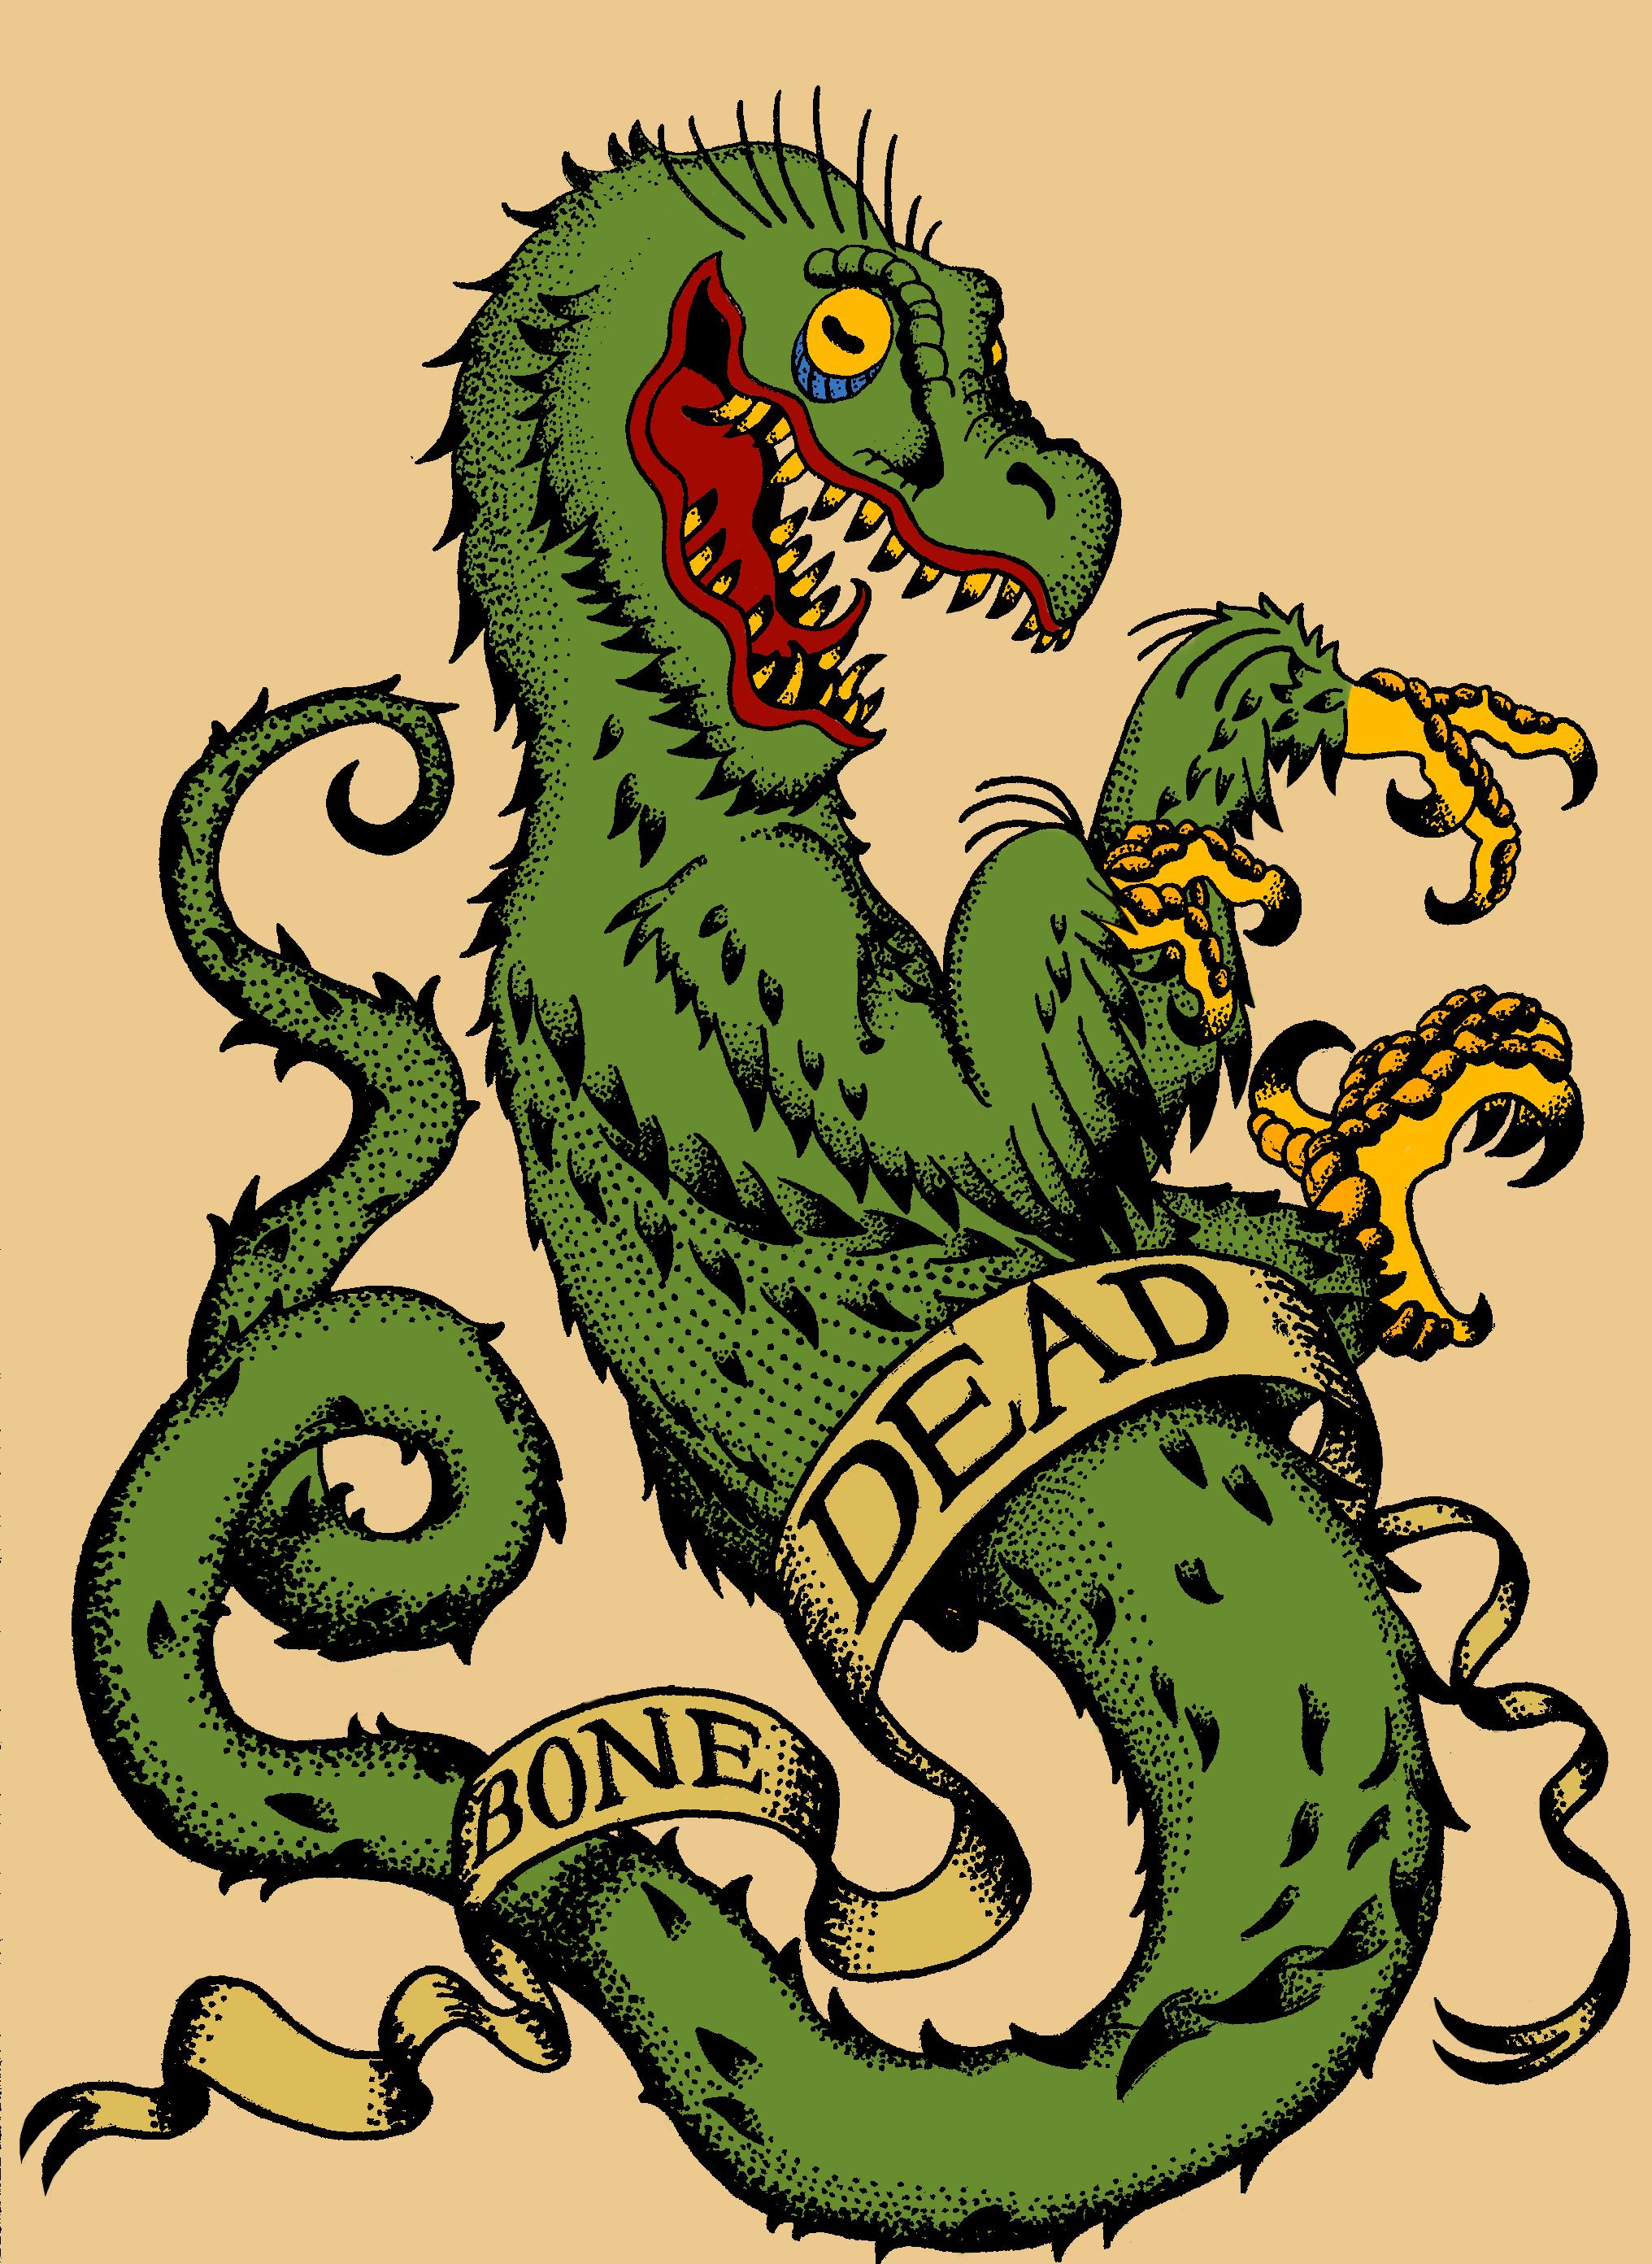 Bone Dead Tattoo